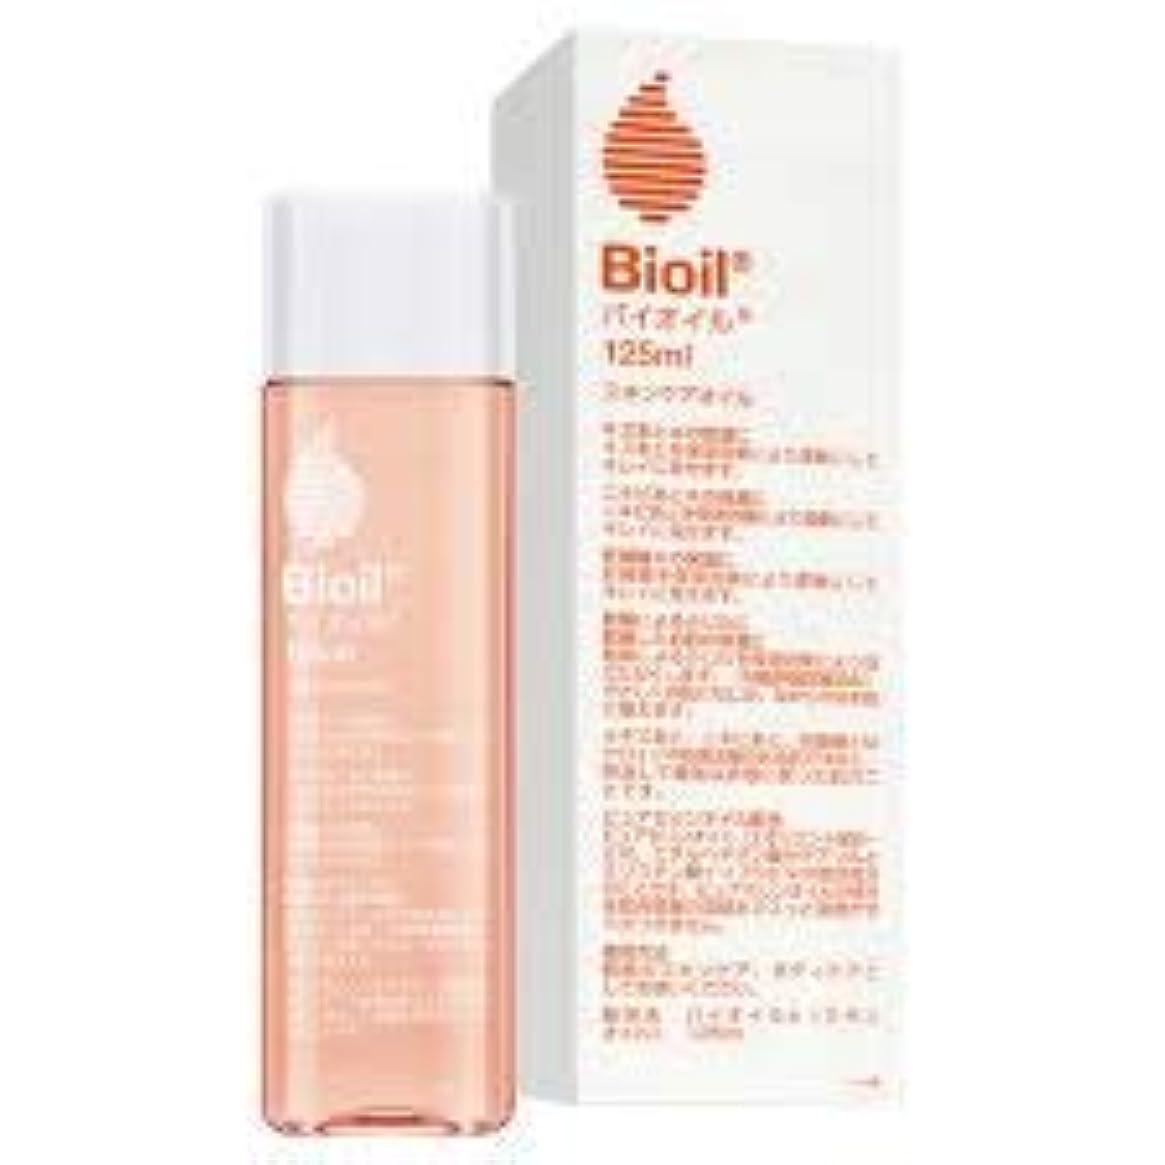 グラディスうがい薬氷バイオイル Bioil 125ml (小林製薬)